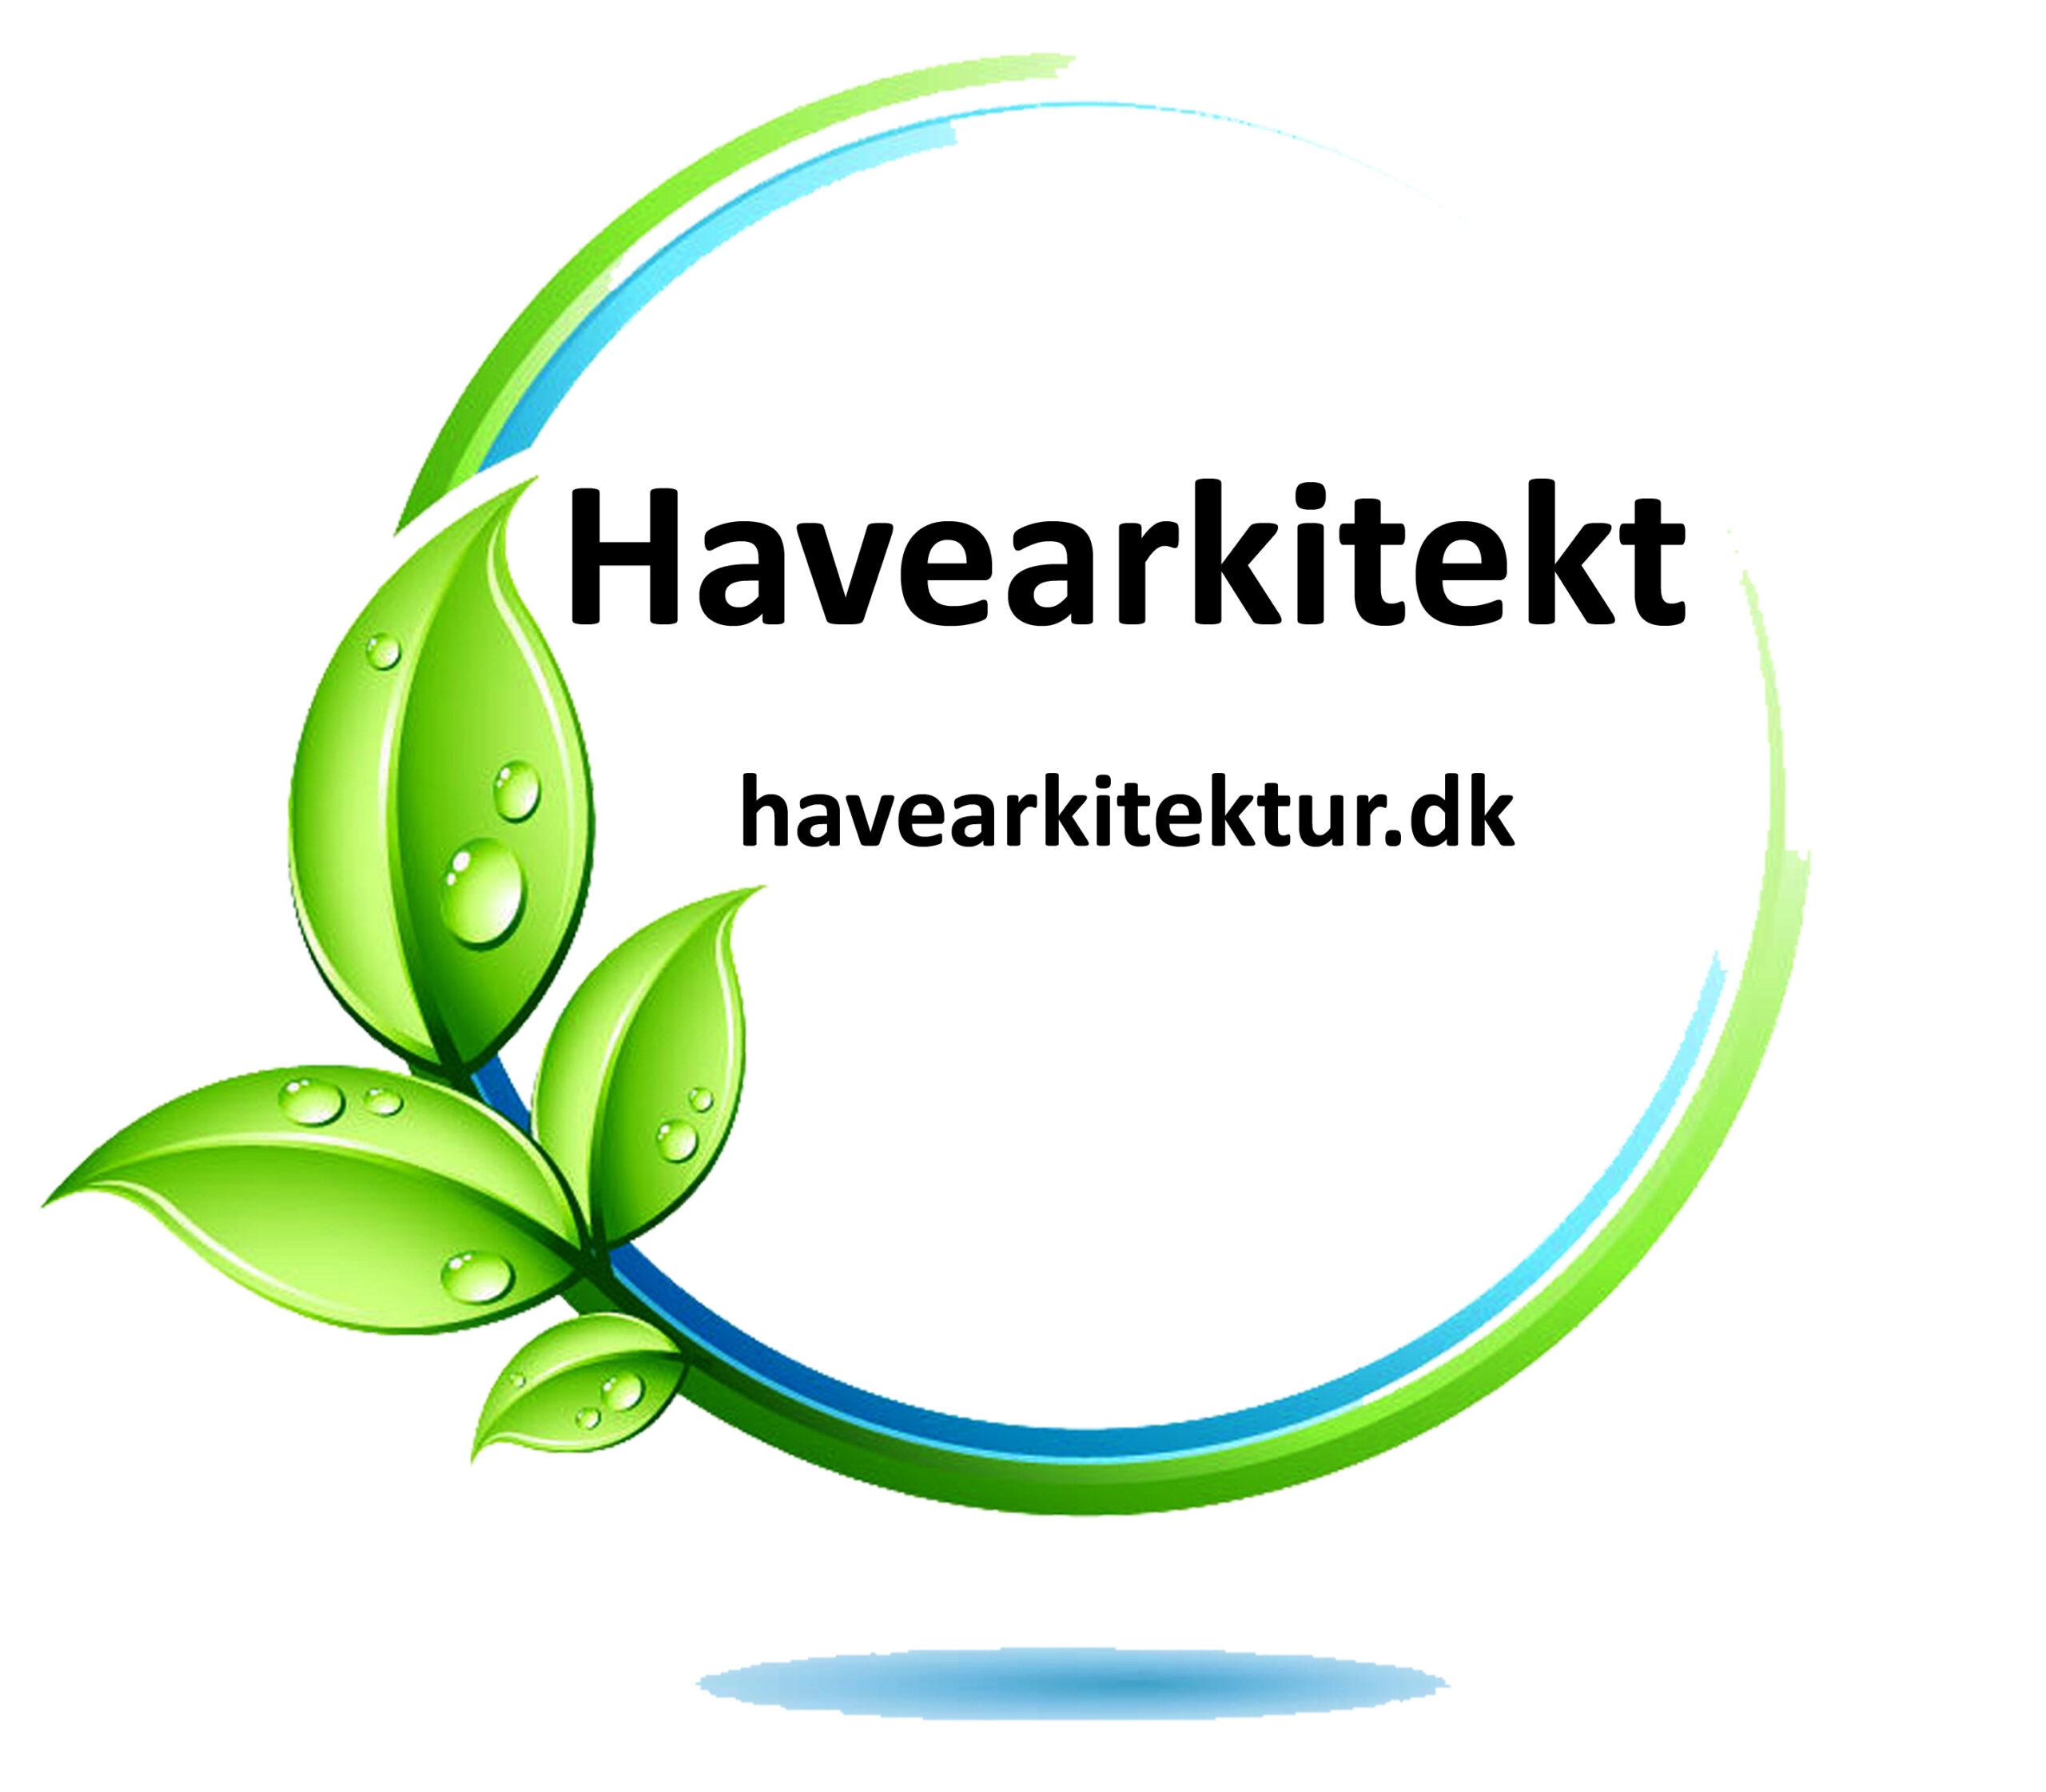 havearkitektur.dk